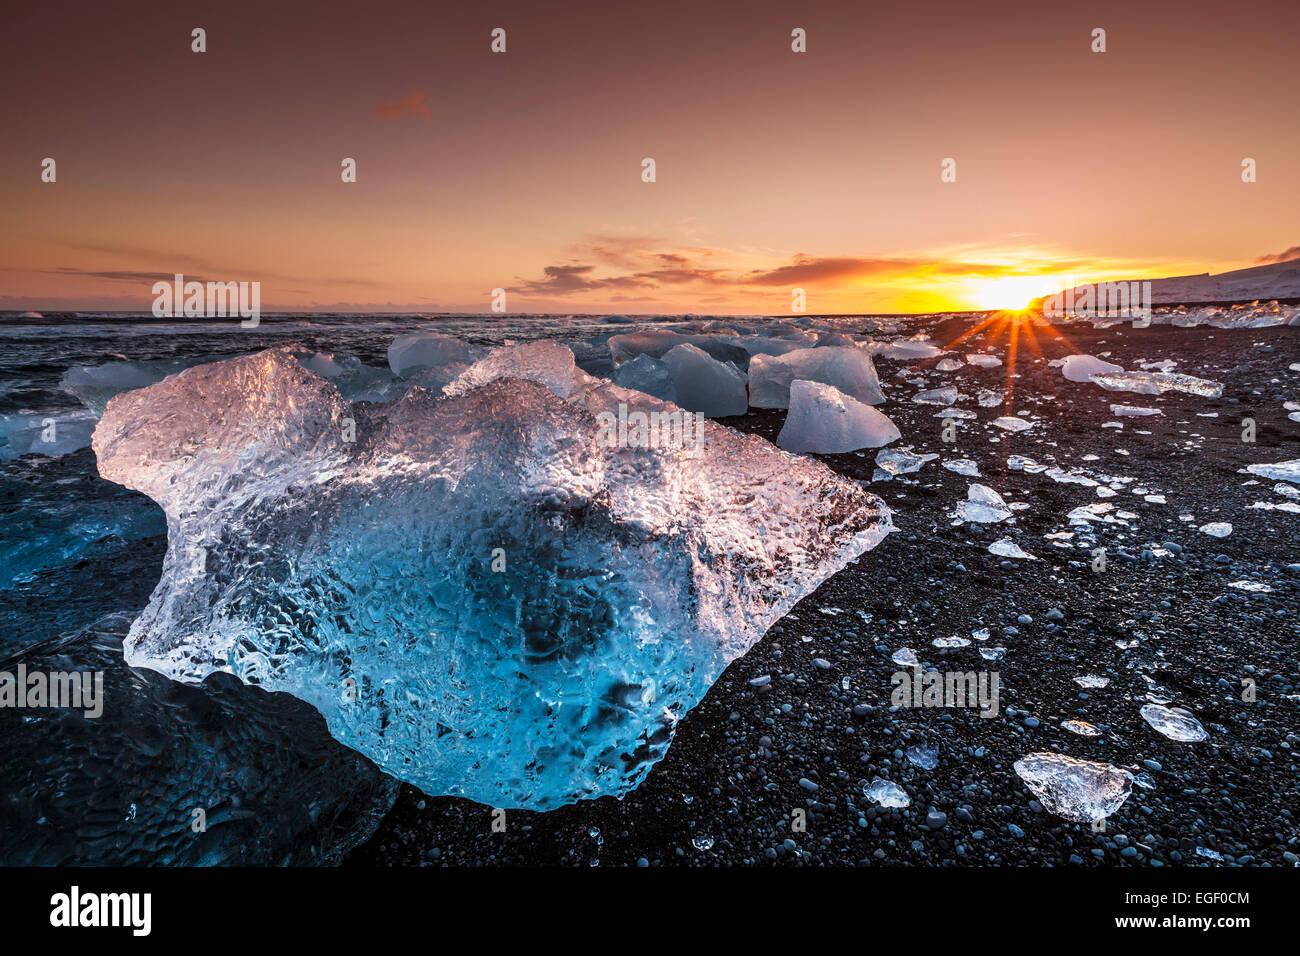 Gebrochenes Eis aus angespülten Eisberge am Jökulsárlón schwarzen Strand Sonnenuntergang Jökulsárlón Stockbild